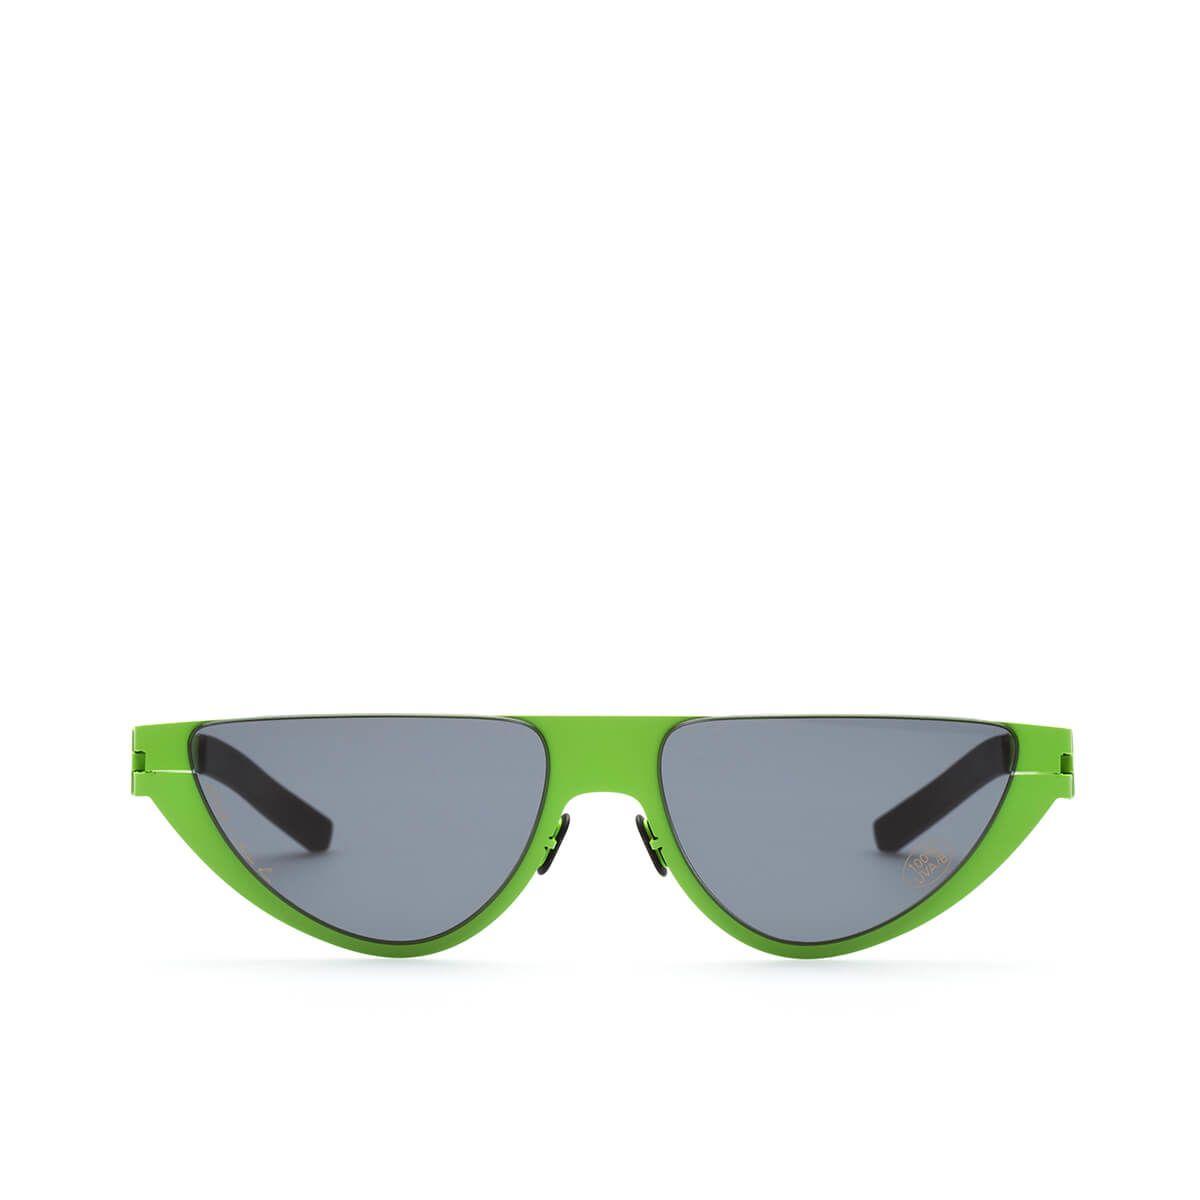 eab78e09949 Martine Rose Kitt Sunglasses In Green